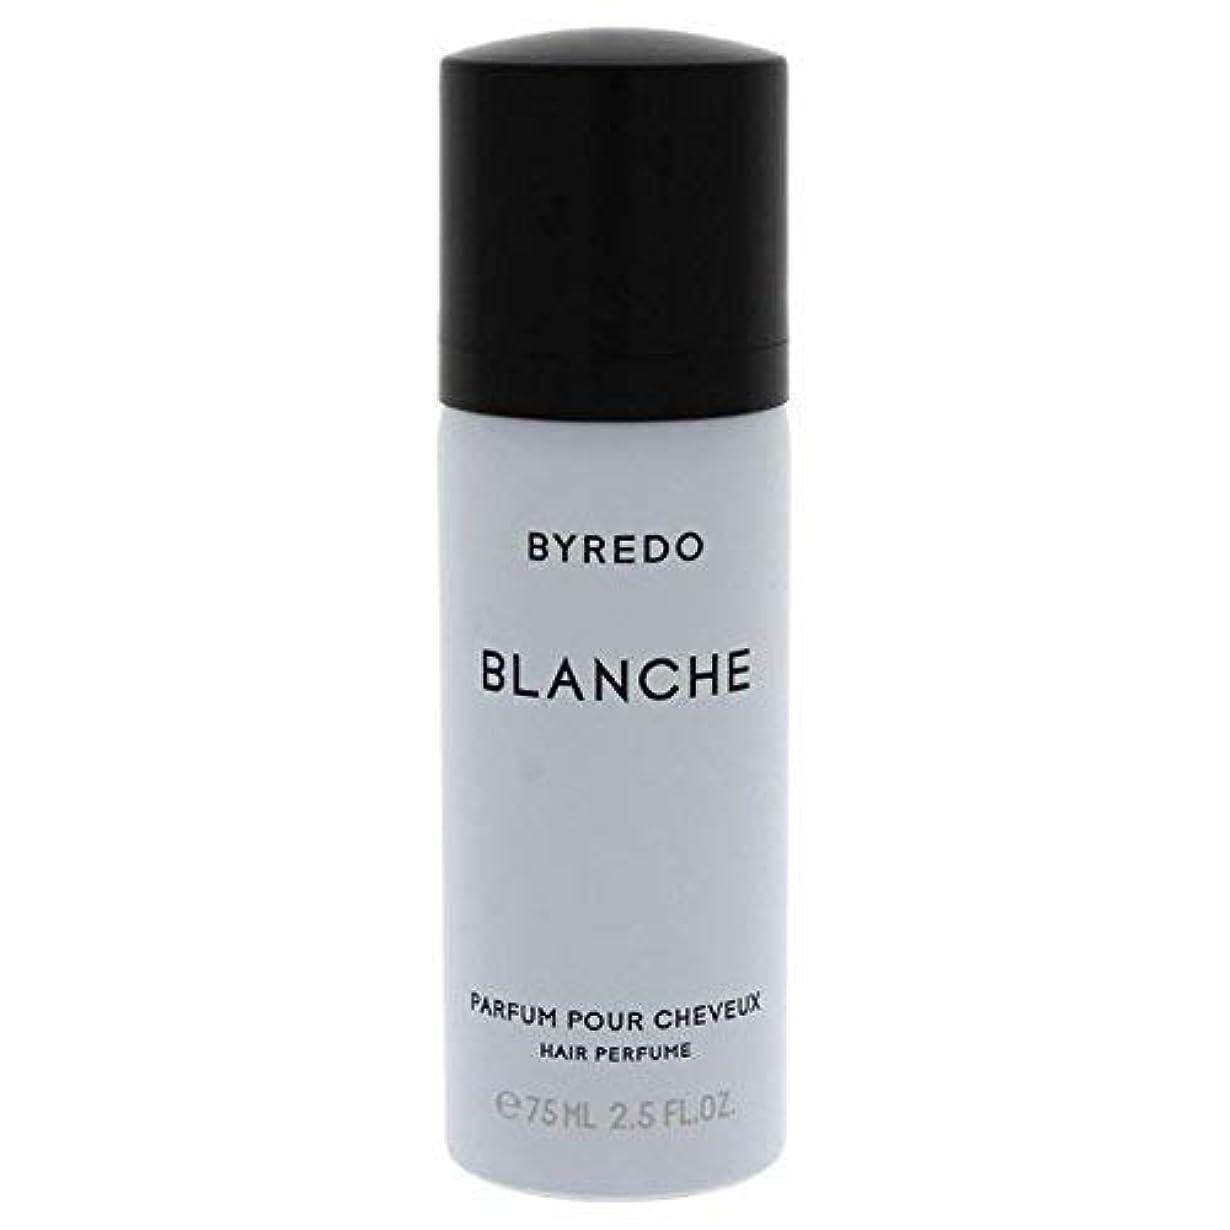 もつれ輝度不適当バレード ブランシュ ヘアパフューム 75ml BYREDO BLANCHE HAIR PERFUME